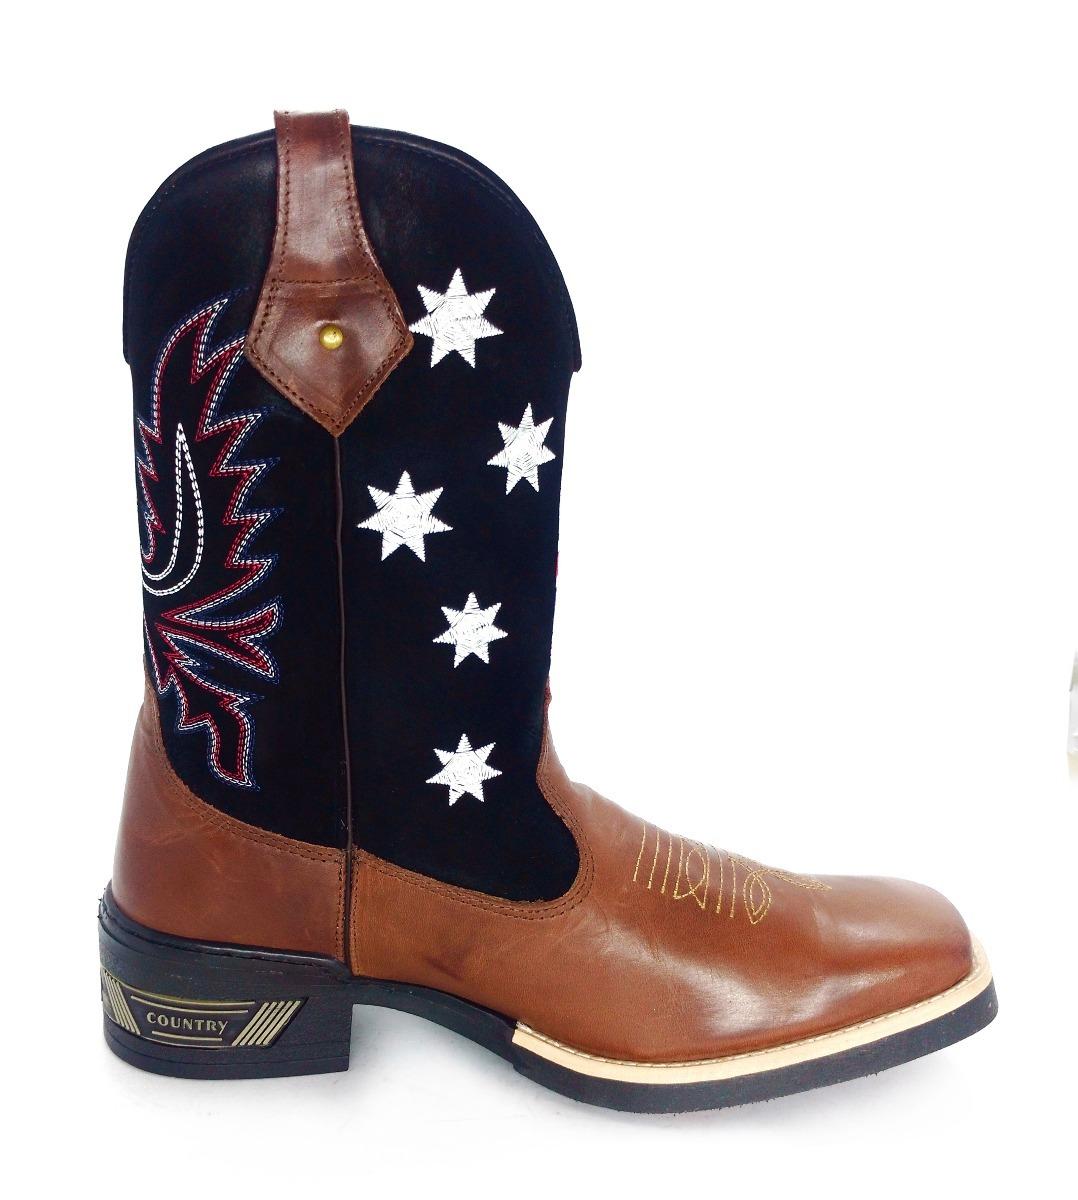 a1529d27ecdc7 bota texana country bandeira inglaterra cano preto bordado. Carregando zoom.